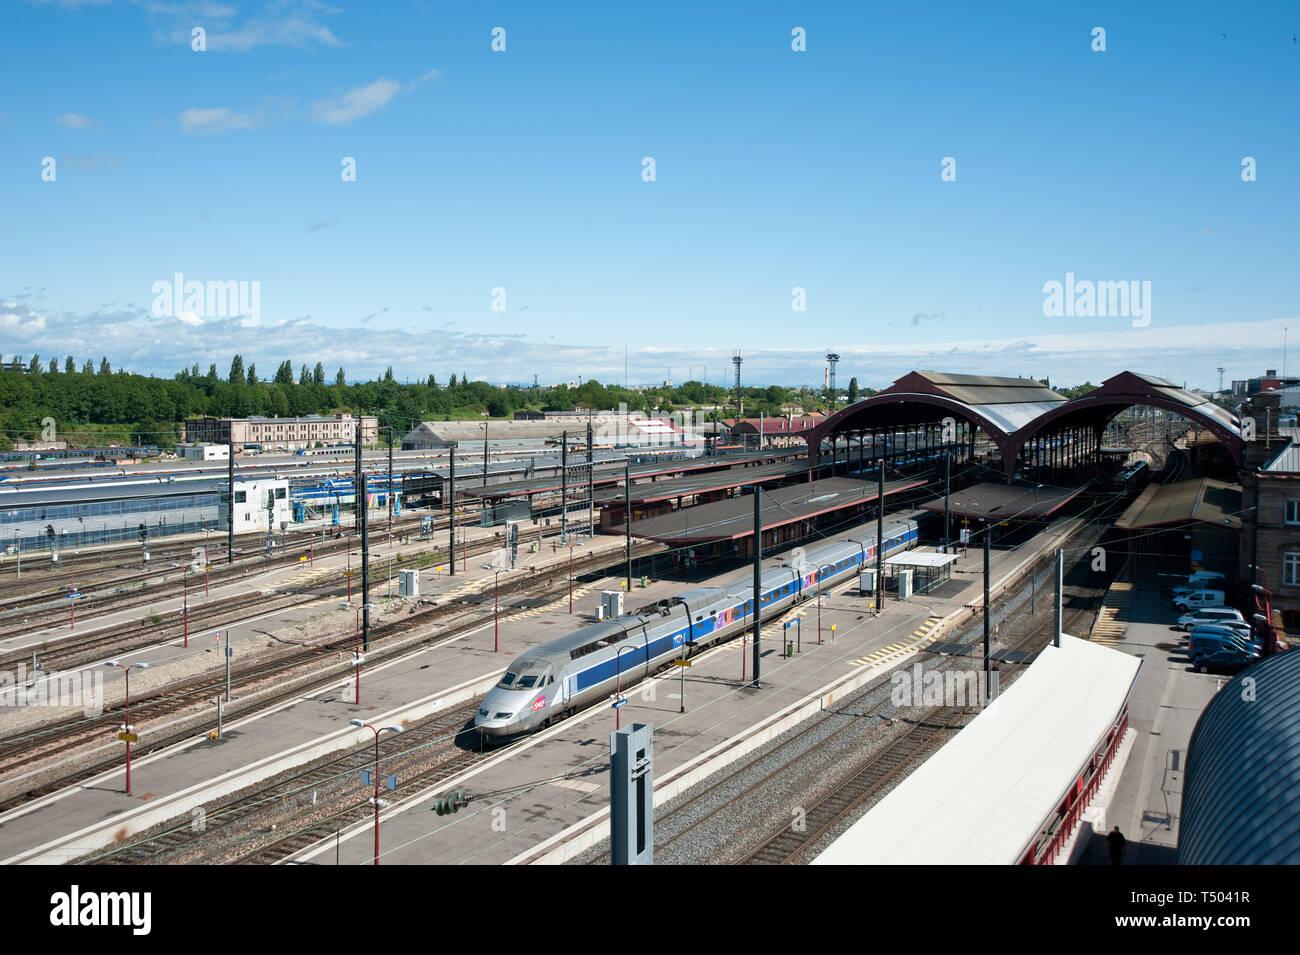 Der Bau des heutigen Bahnhofs geht auf die Bautätigkeit des Deutschen Kaiserreiches zurück. Der Bahnhof wurde auf dem Gelände der Straßburger Vauban-B Stock Photo